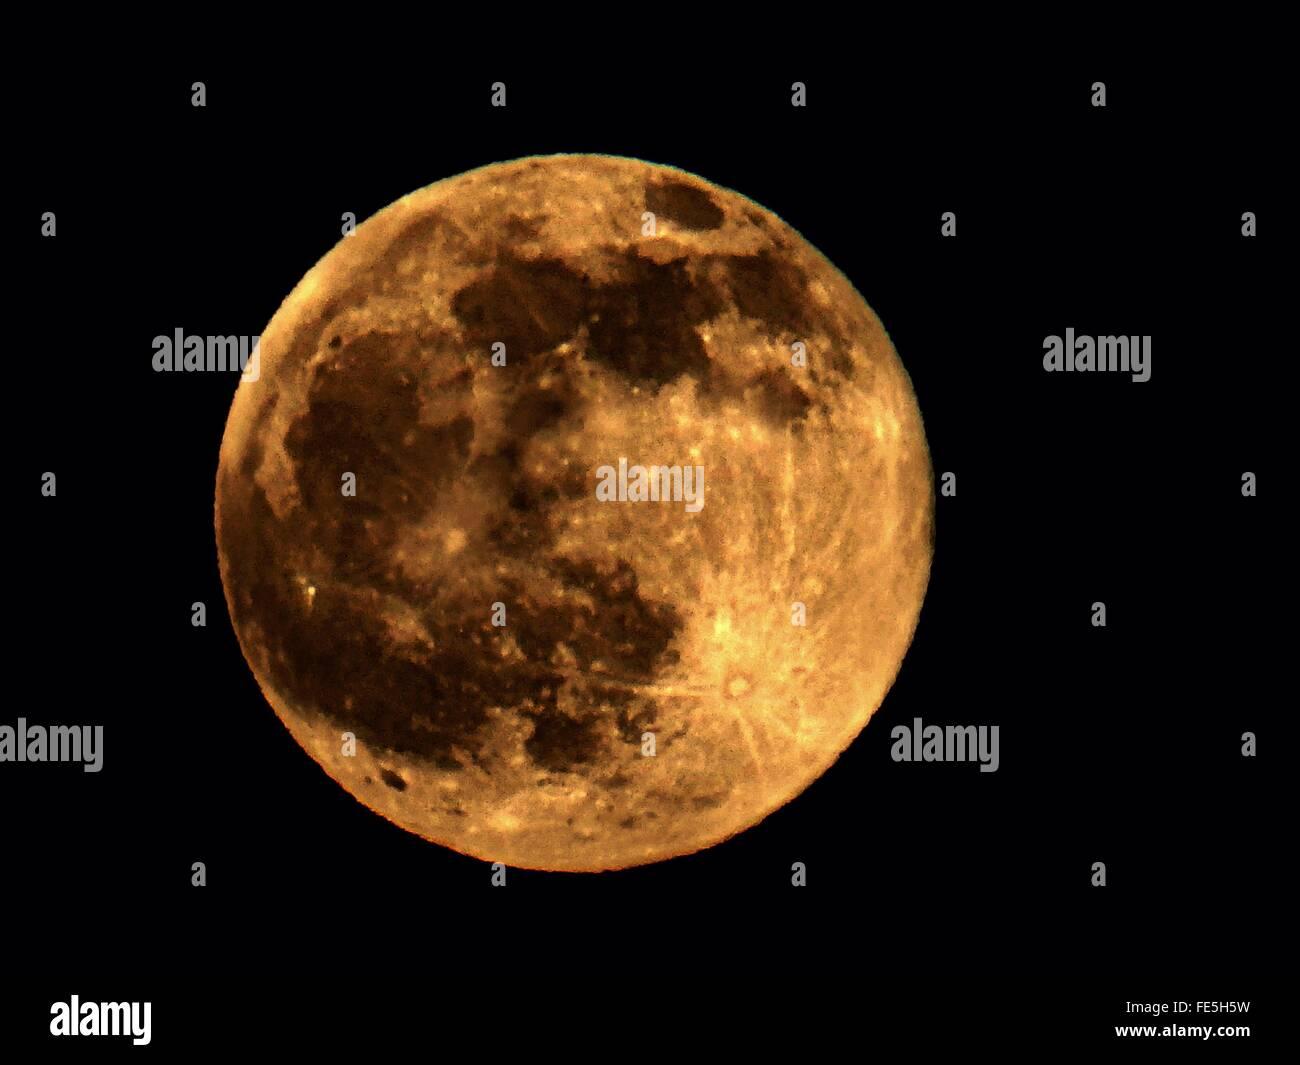 Full Moon In Black Sky - Stock Image